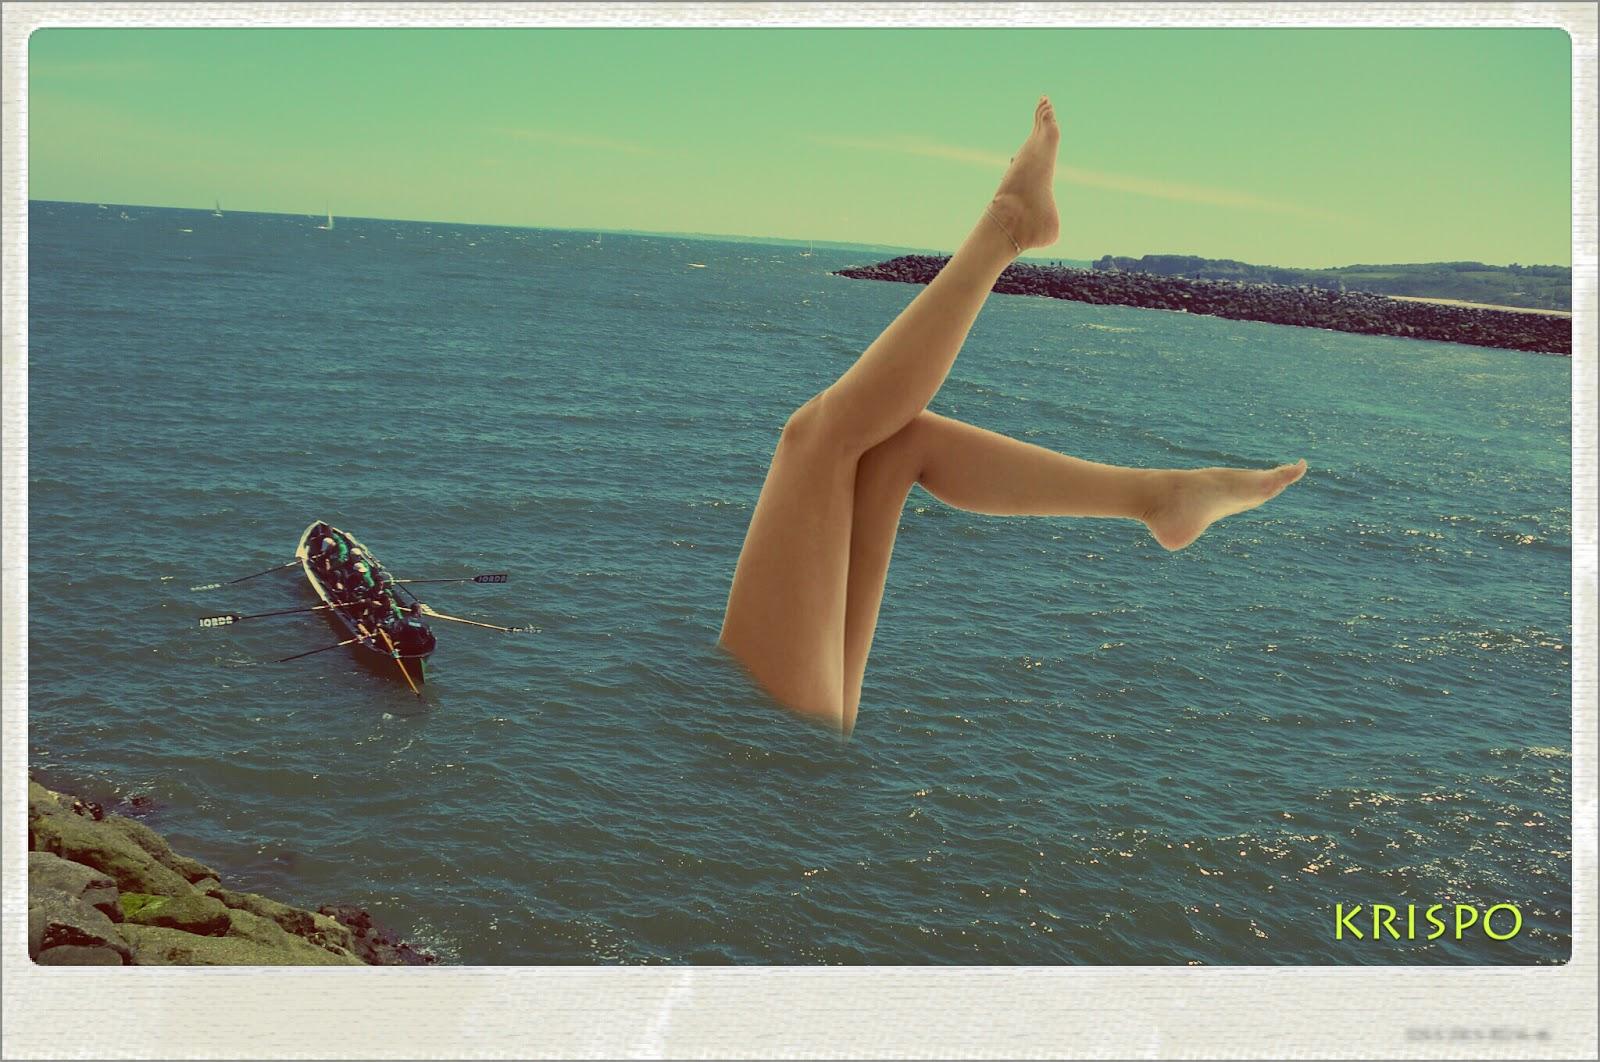 fotomontaje de una sirena con trainera en hondarribia